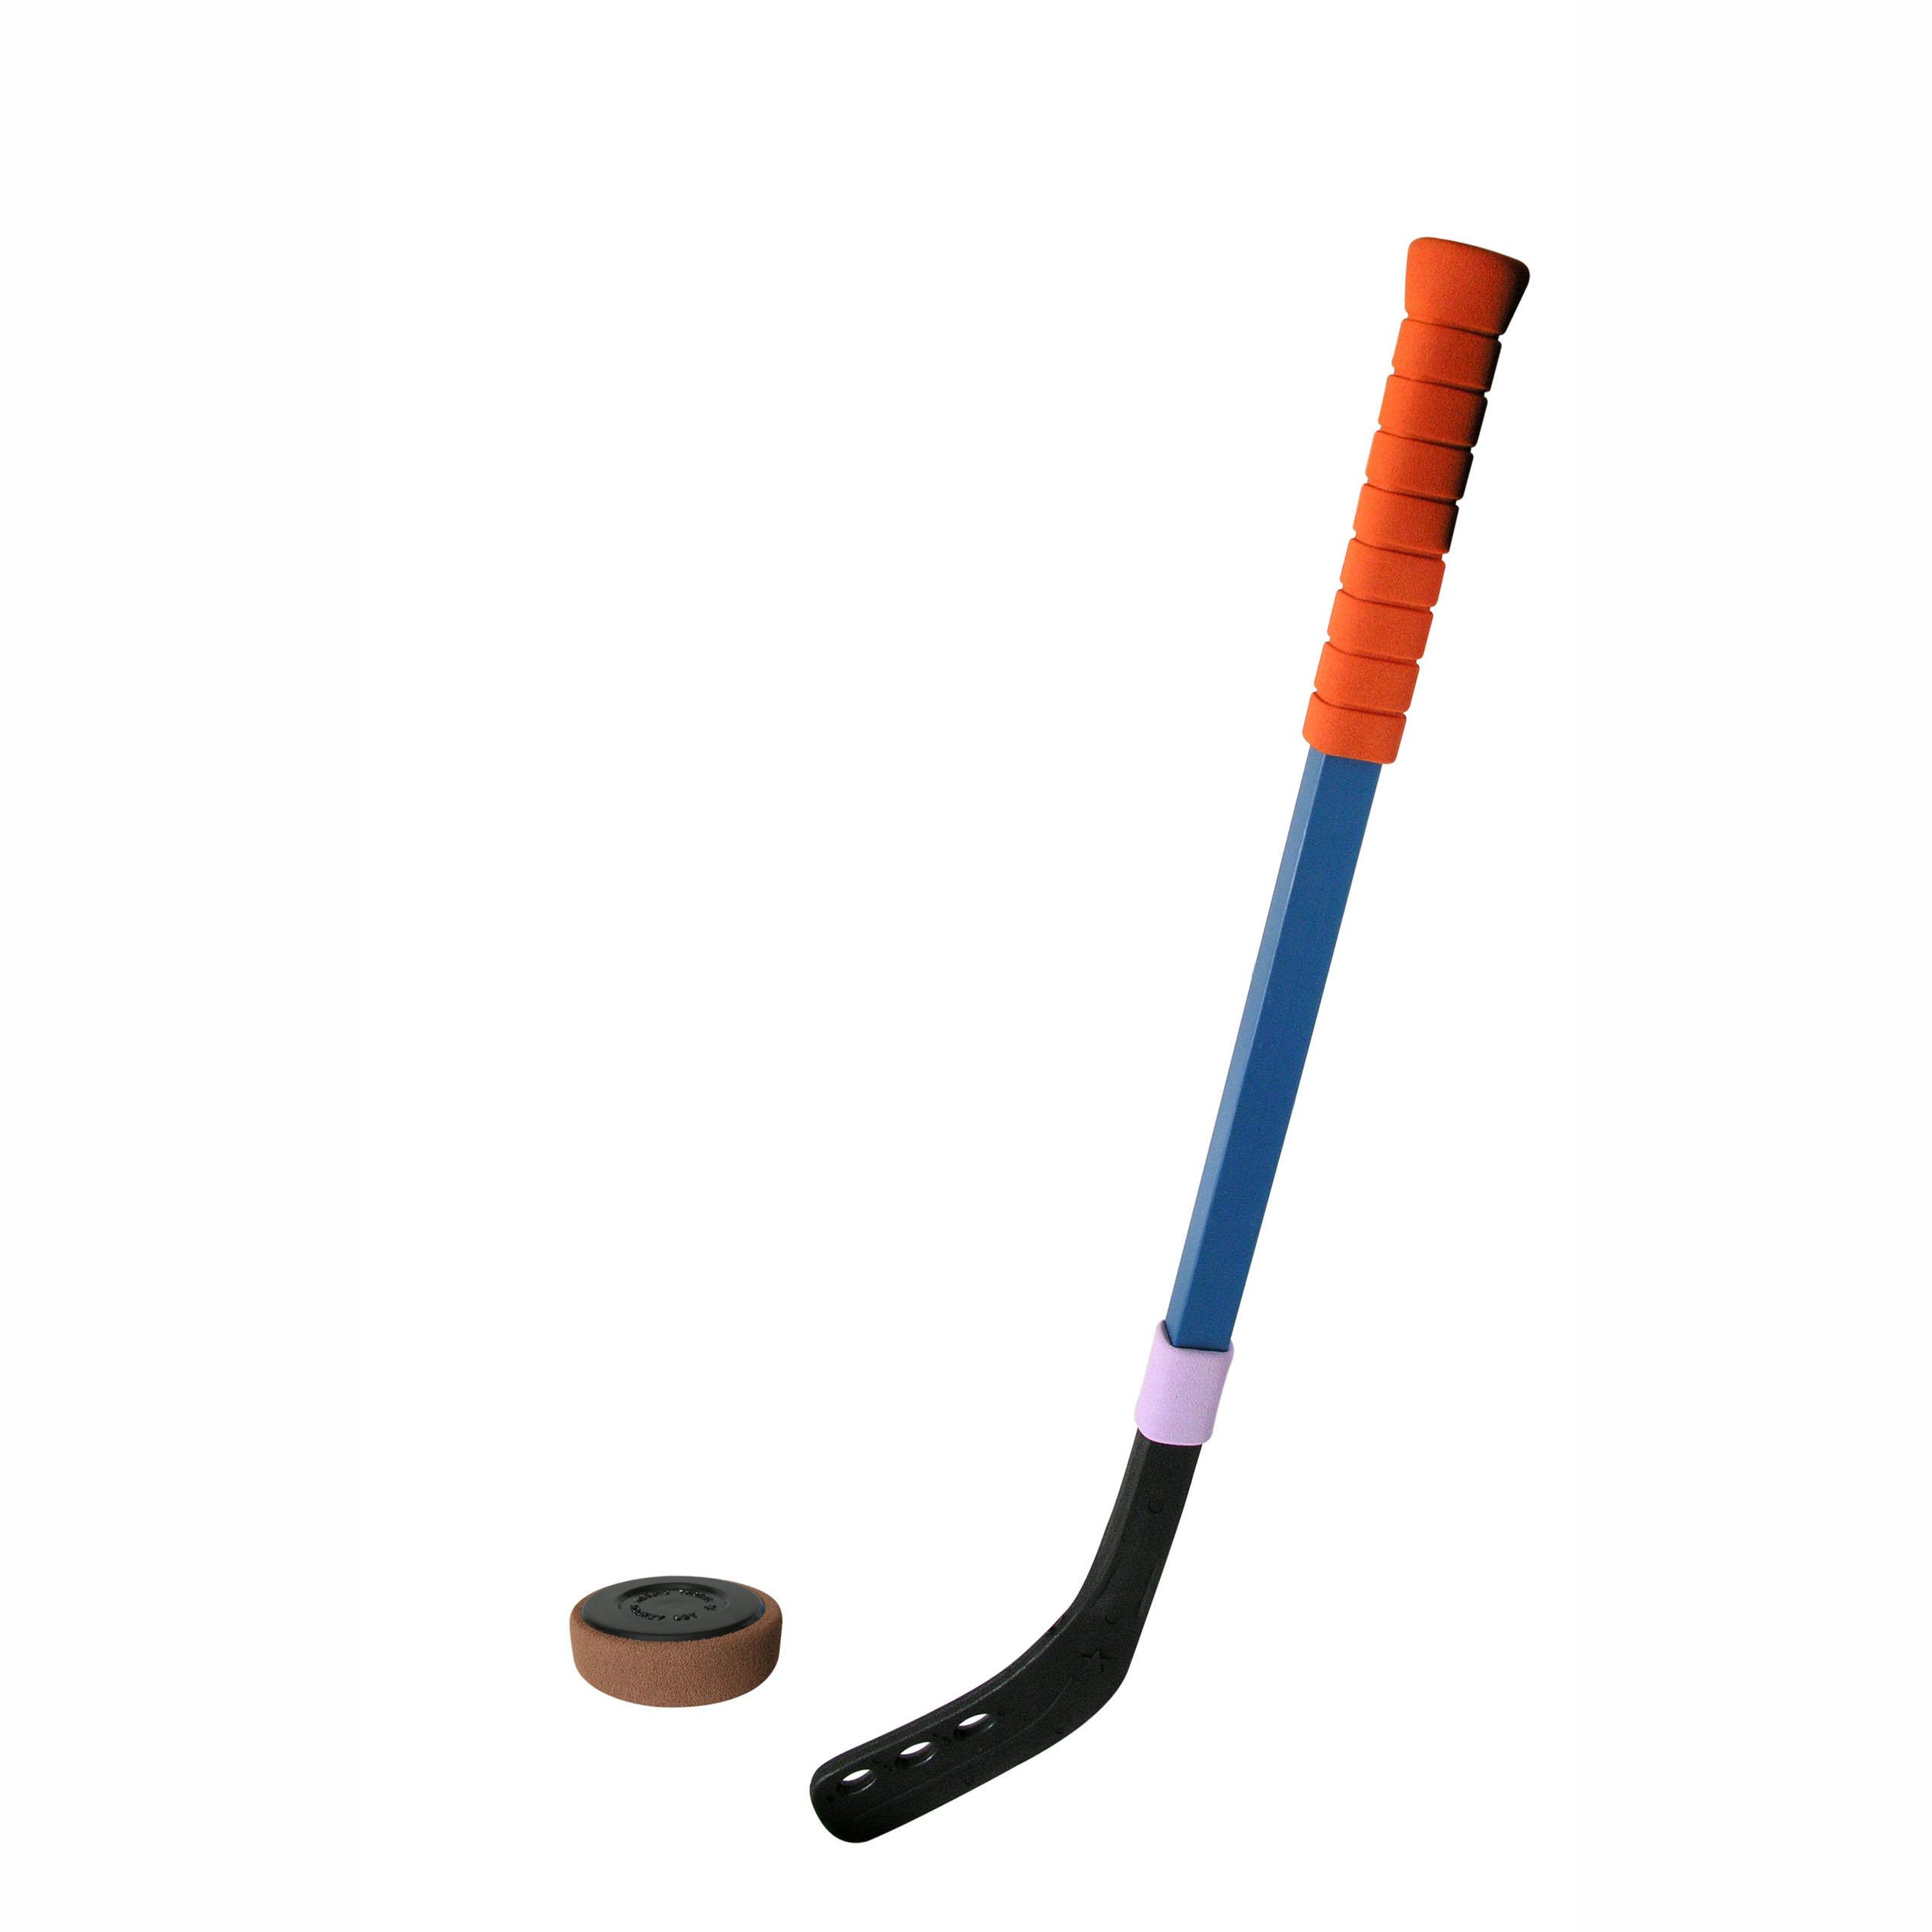 Купить Игровой набор для хоккея - Клюшка и шайба, SAFSOF